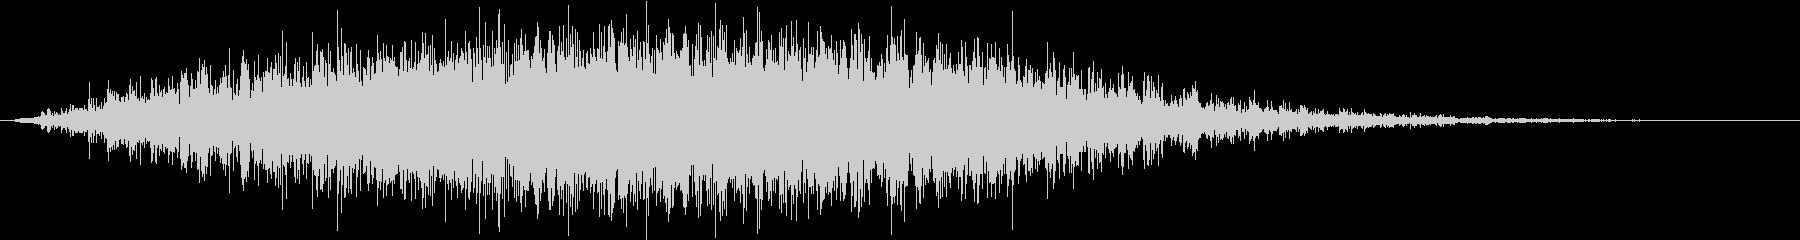 パンドラトルバックの未再生の波形